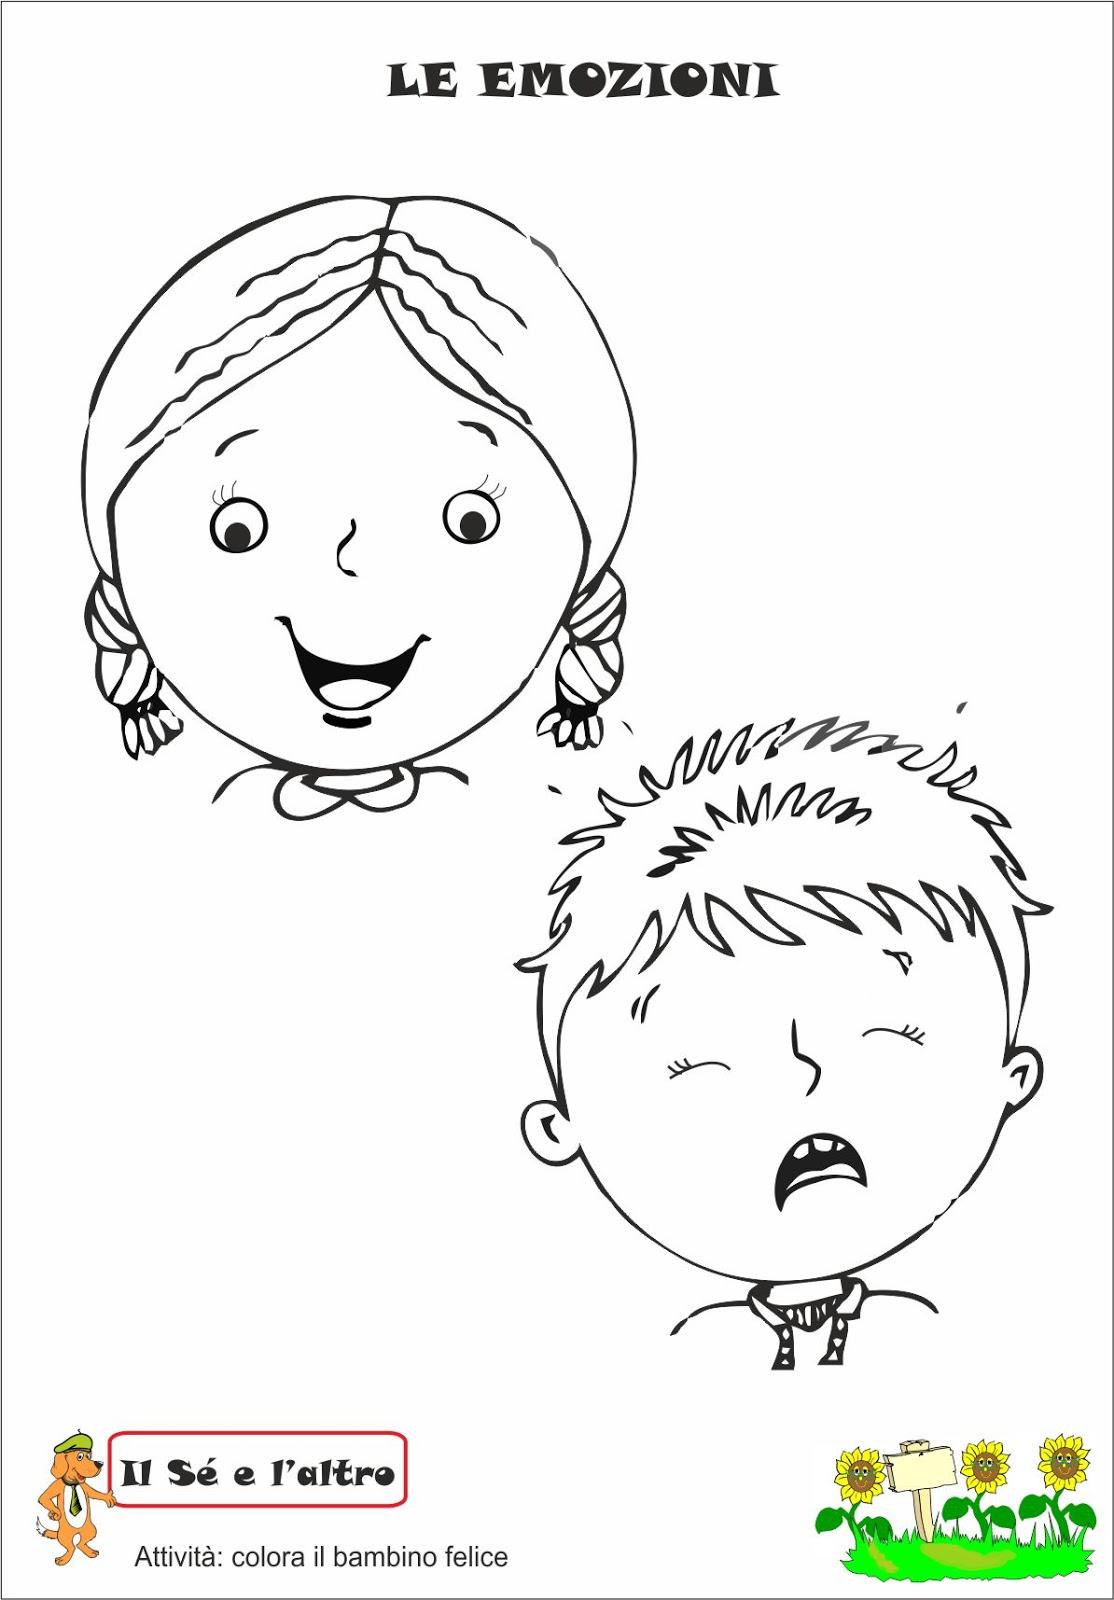 Ben noto A Scuola con Poldo: Le Emozioni RB88